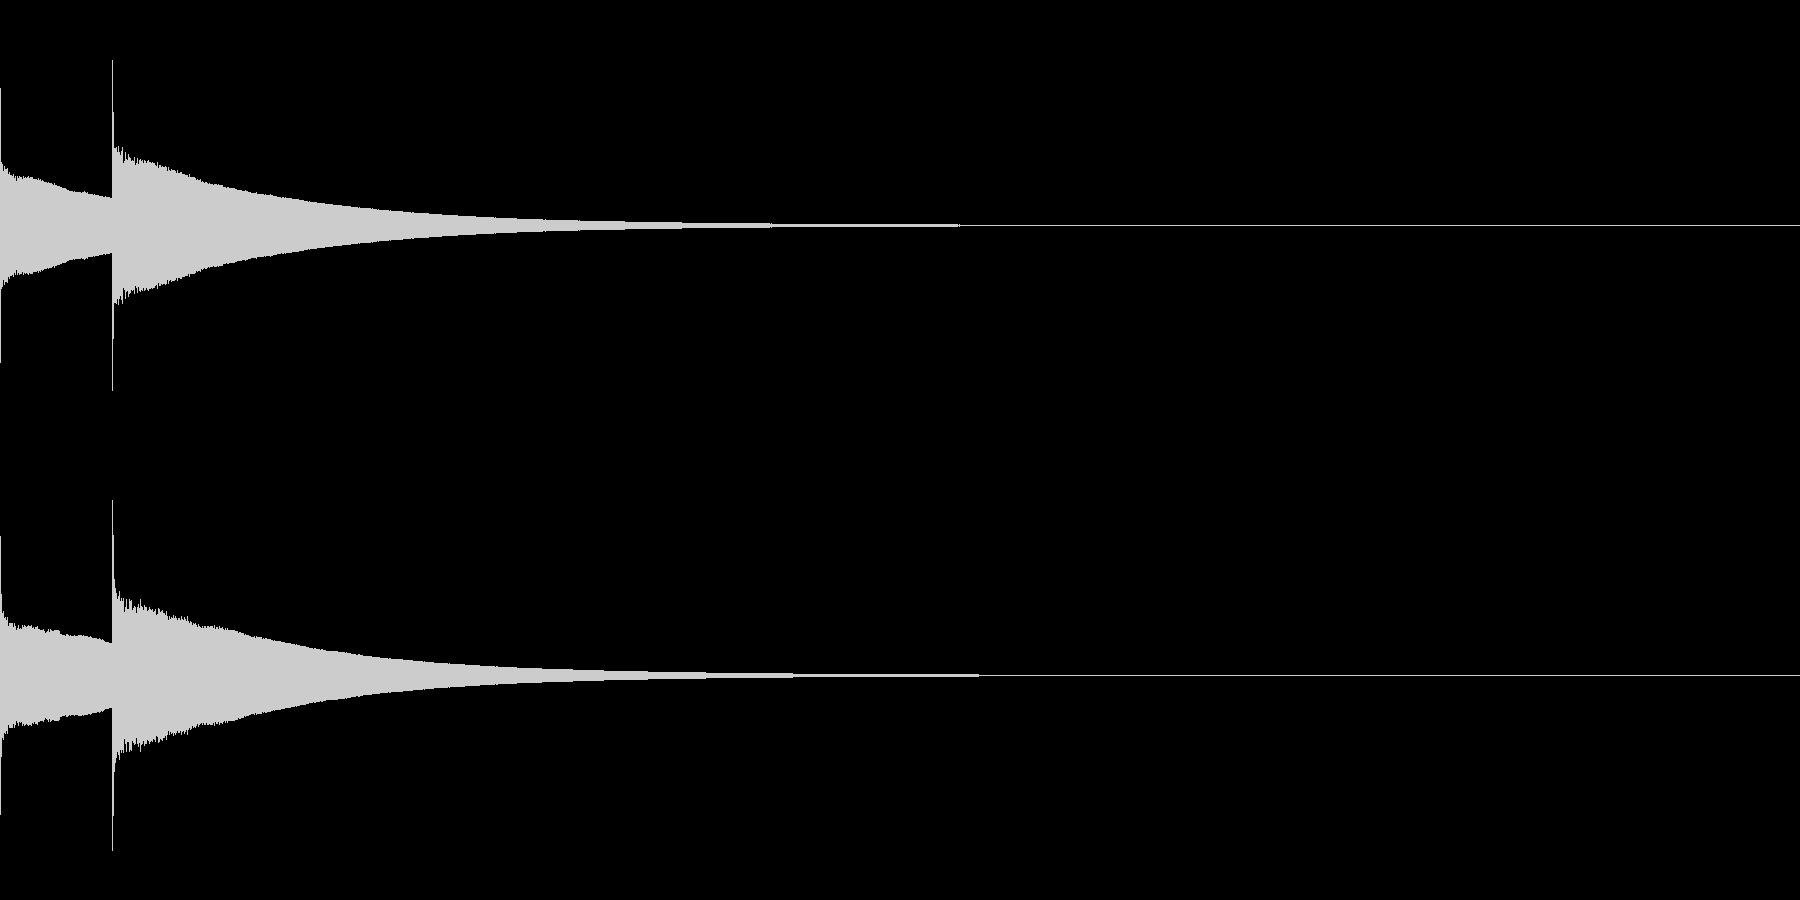 薬のCMに出てくるピンポンの未再生の波形